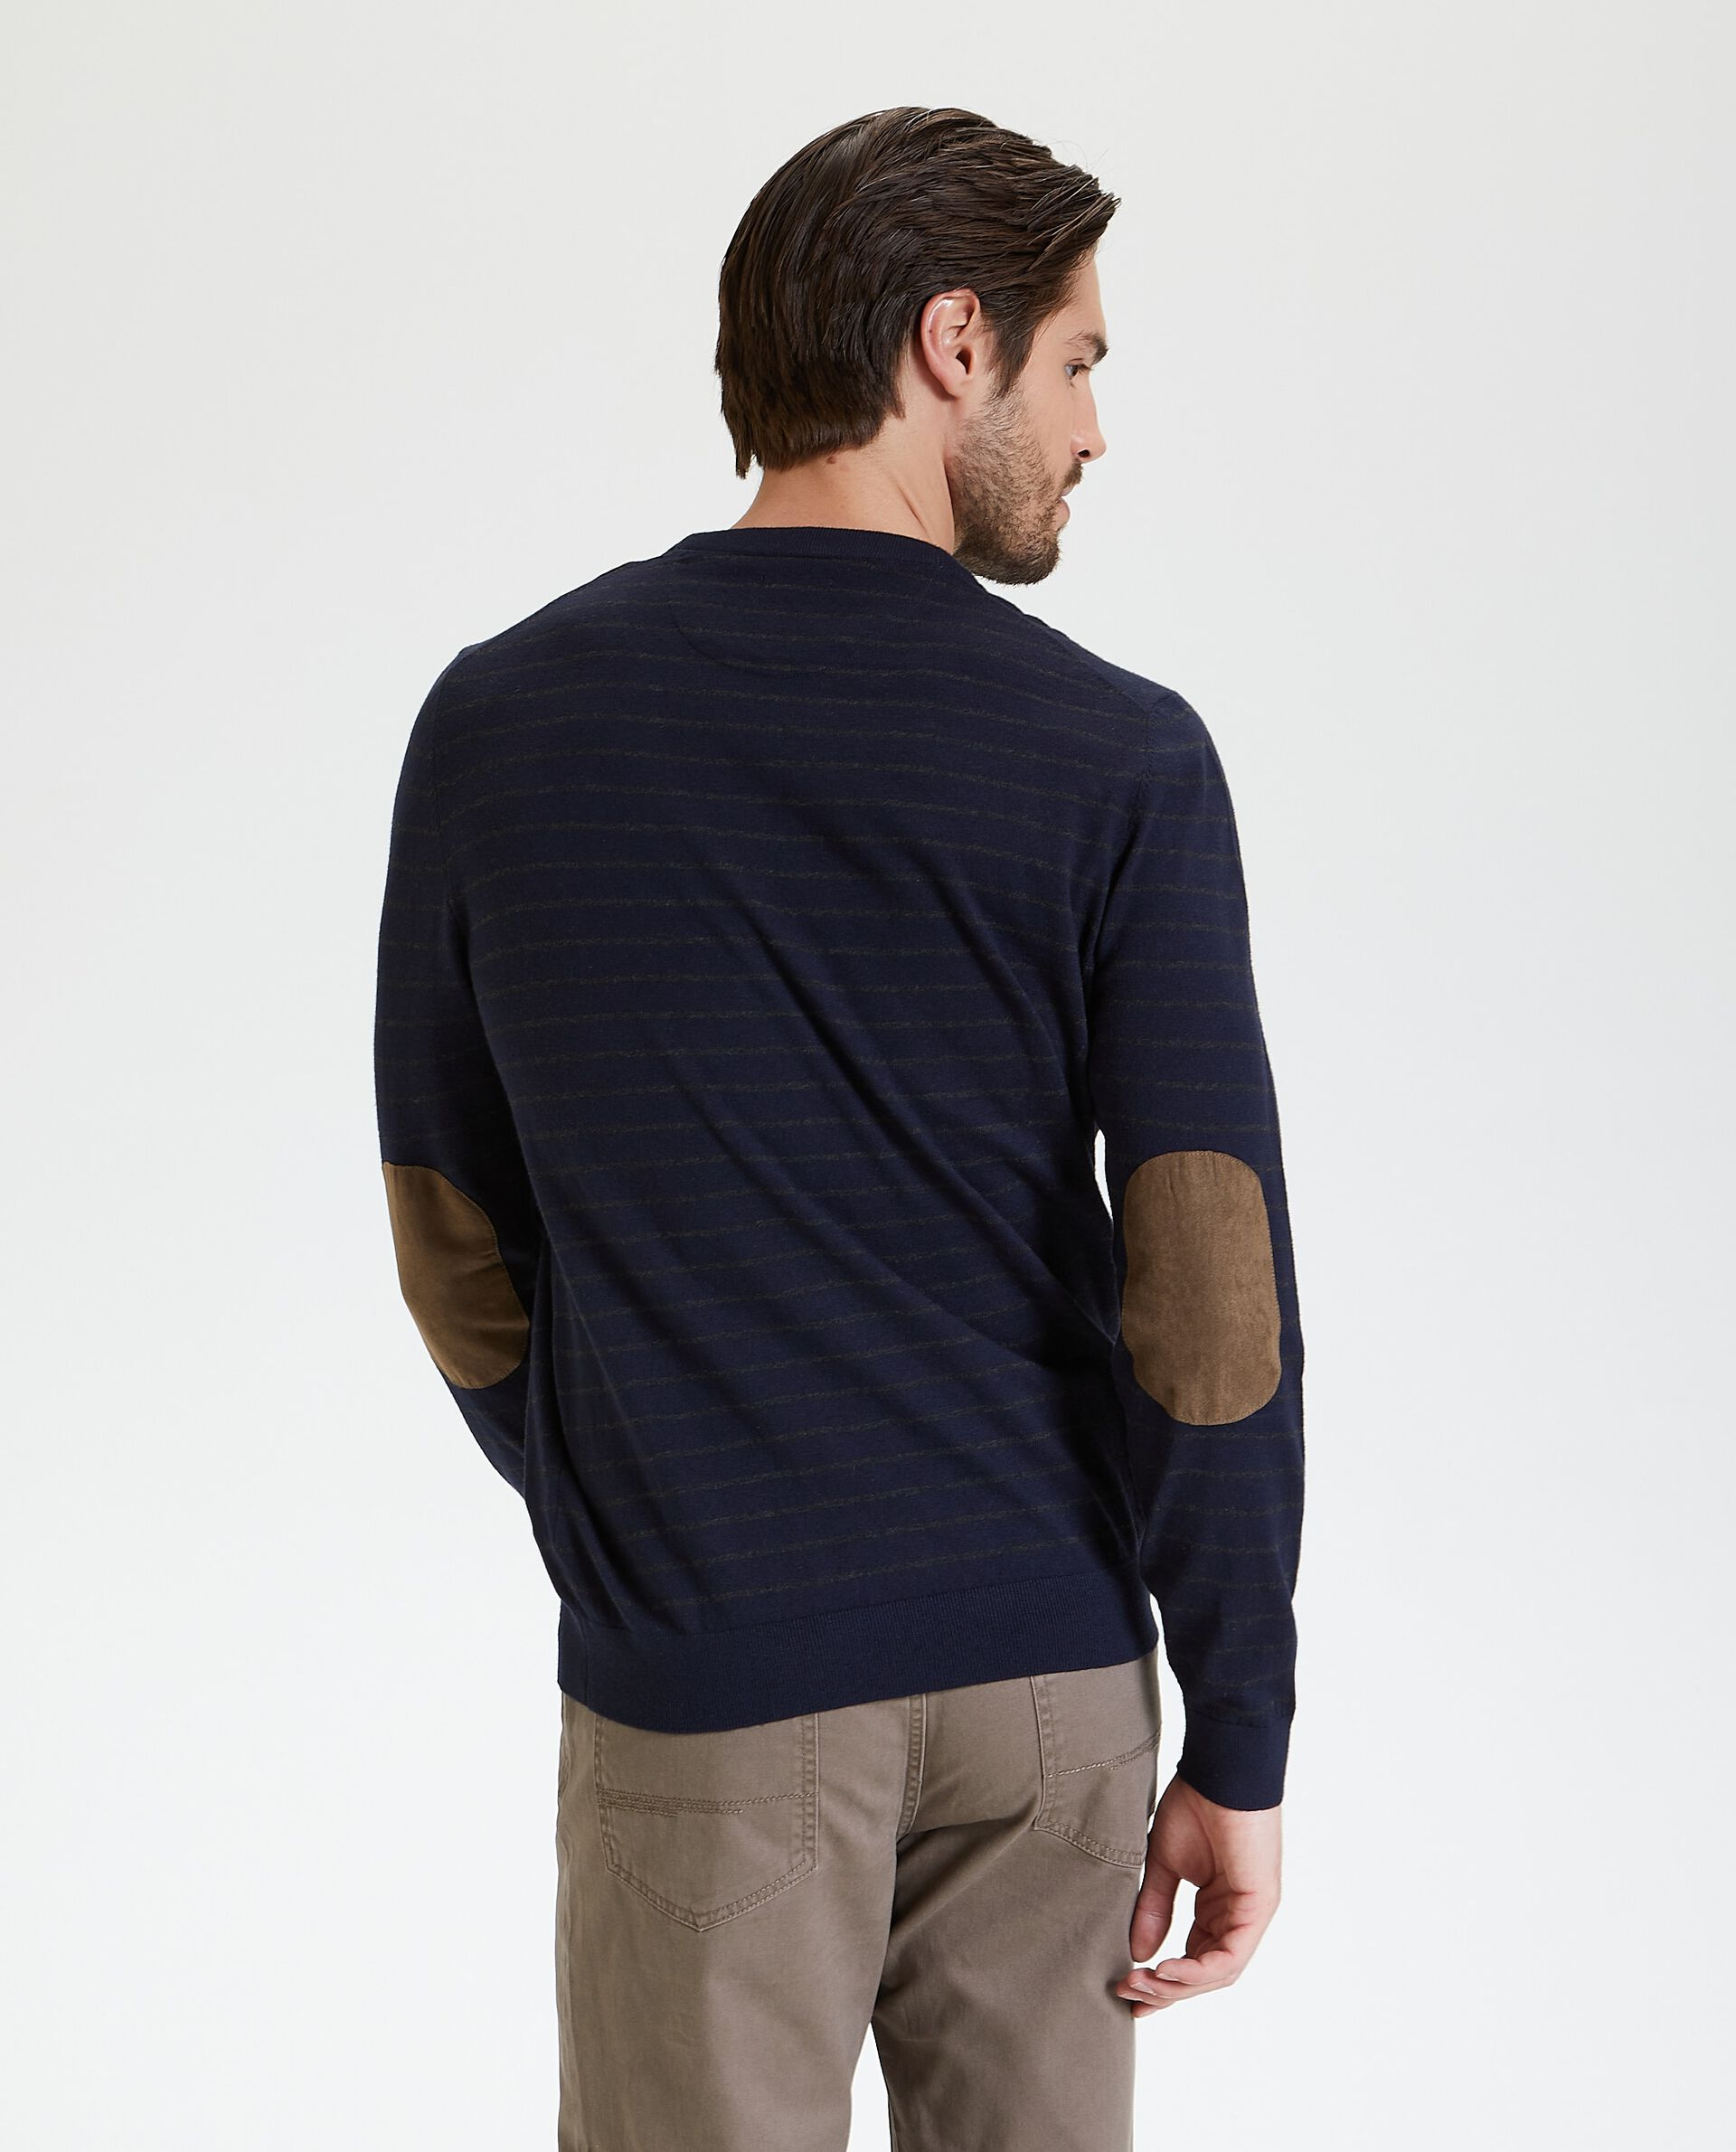 Maglione in caldo cotone a righe uomo